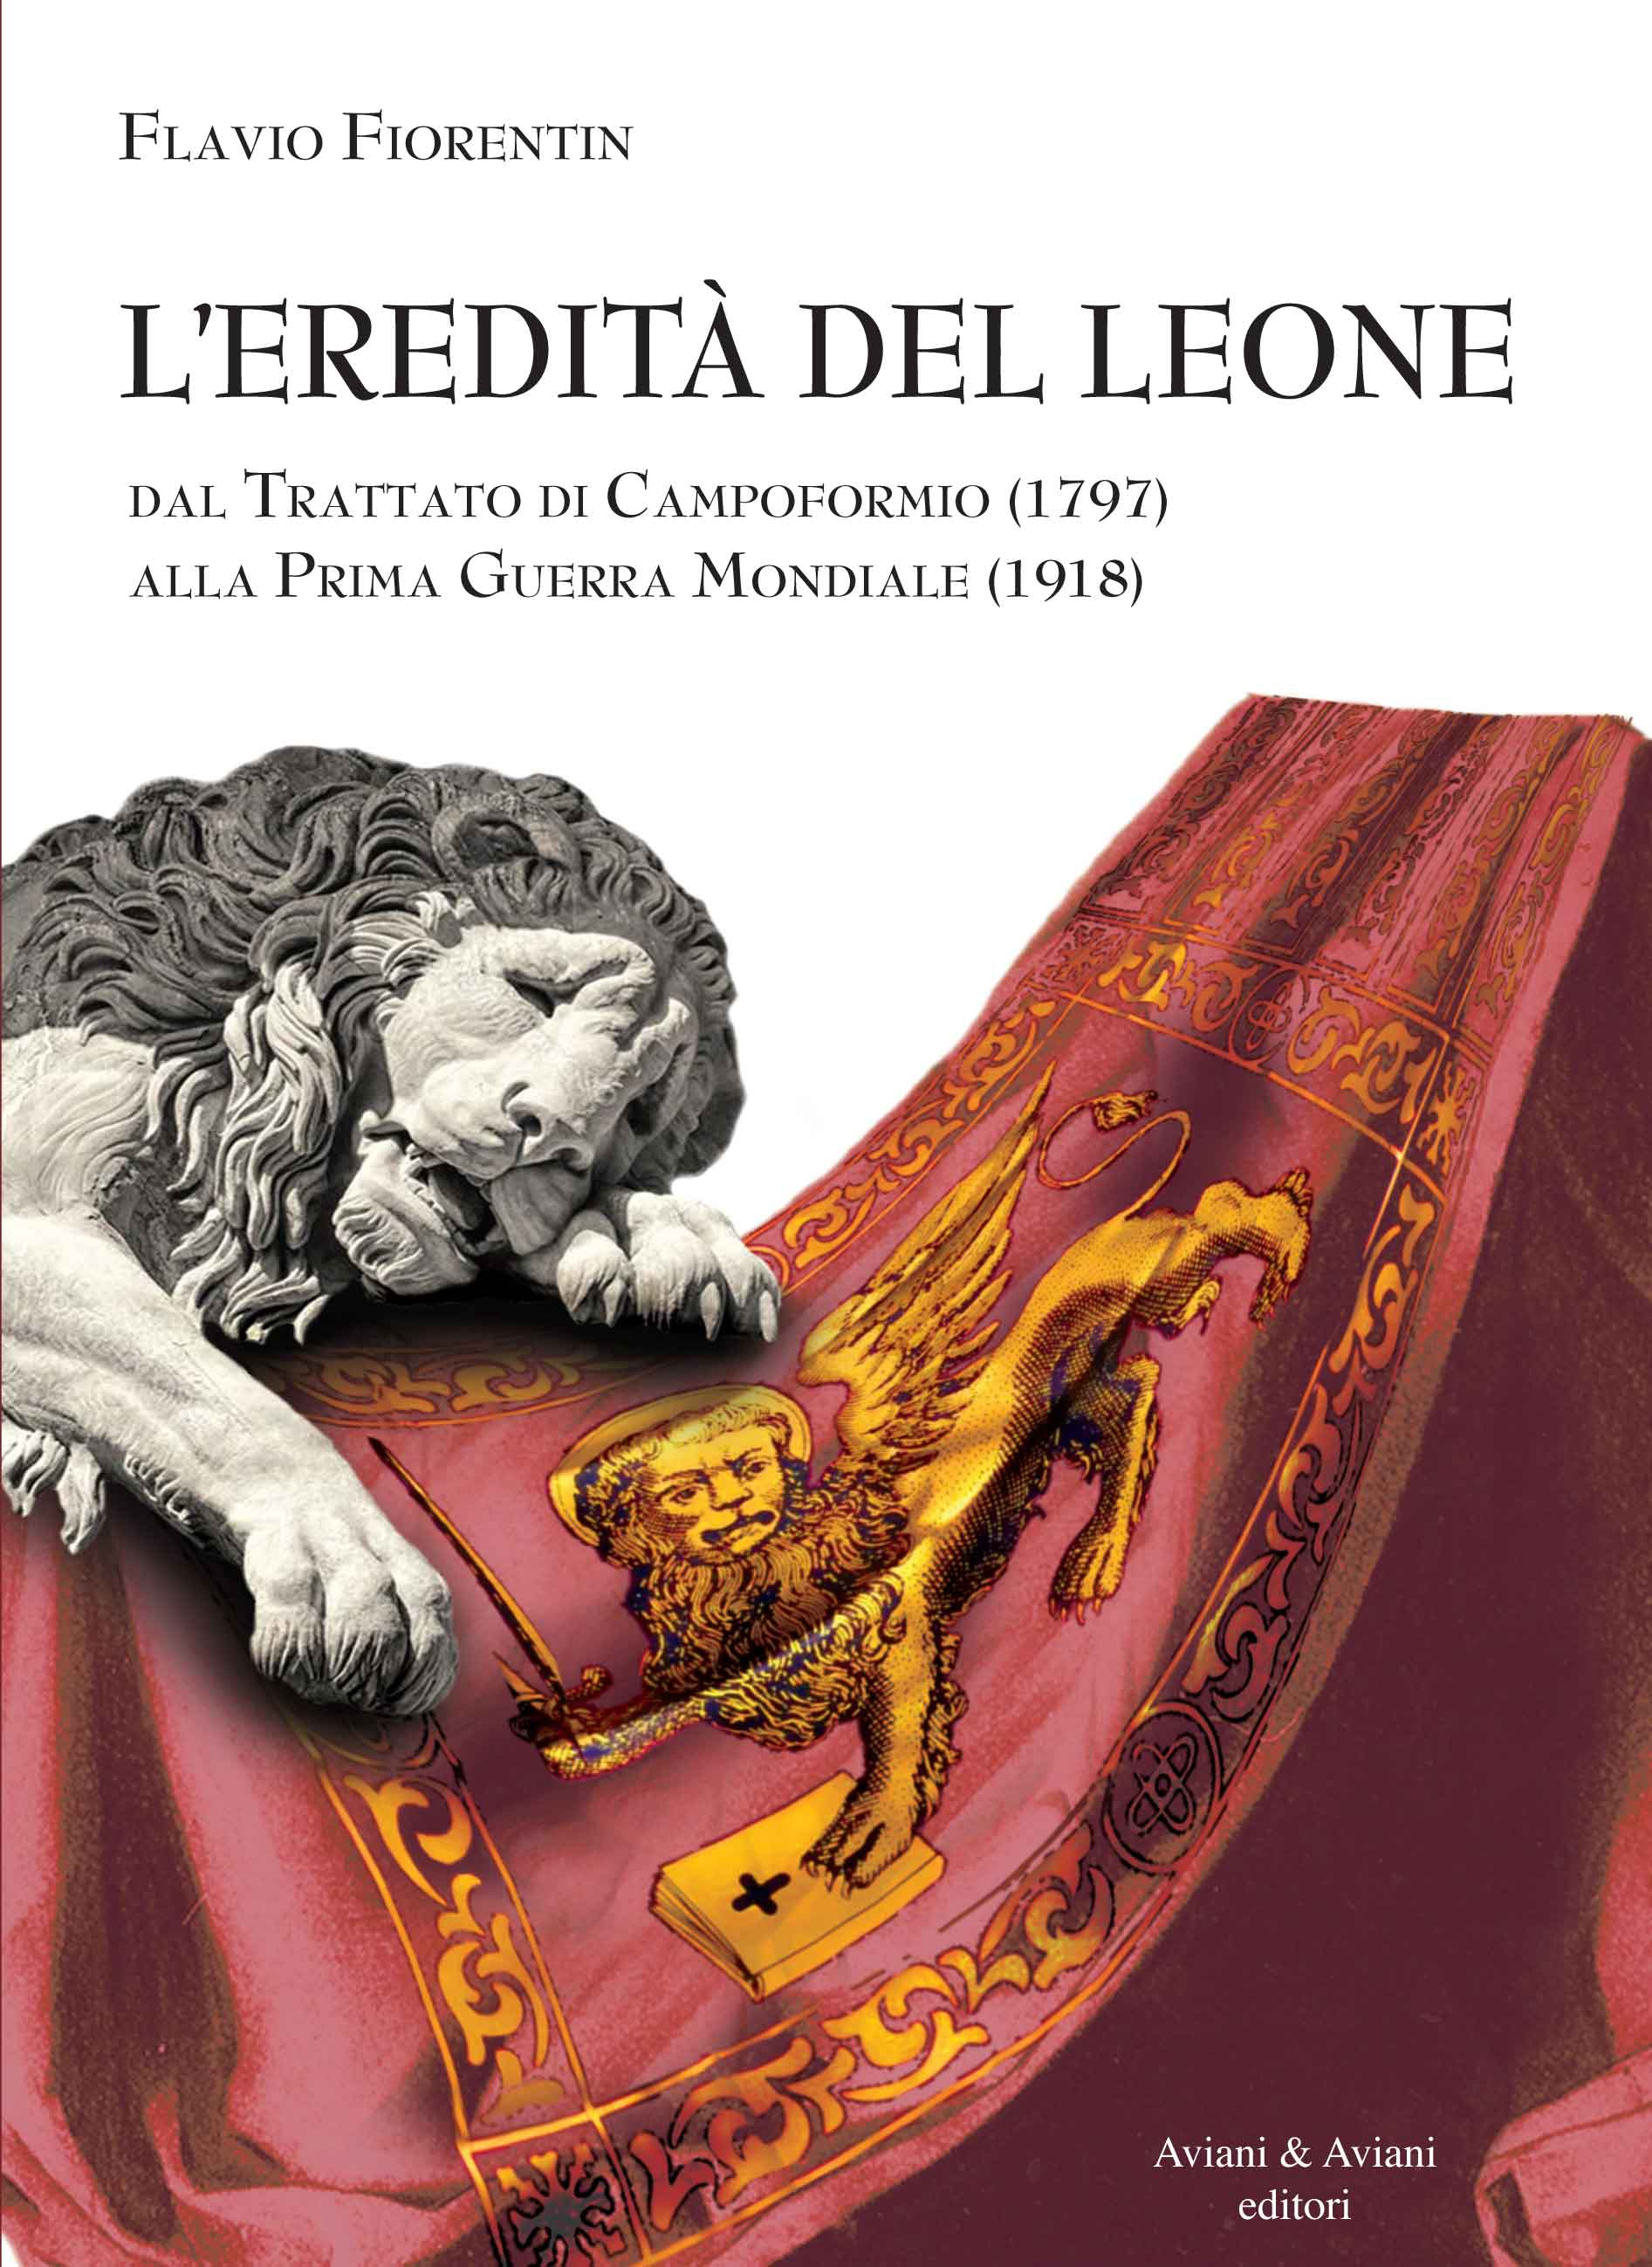 L'eredità del Leone. Dal Trattato di Campoformio alla Prima Guerra Mondiale